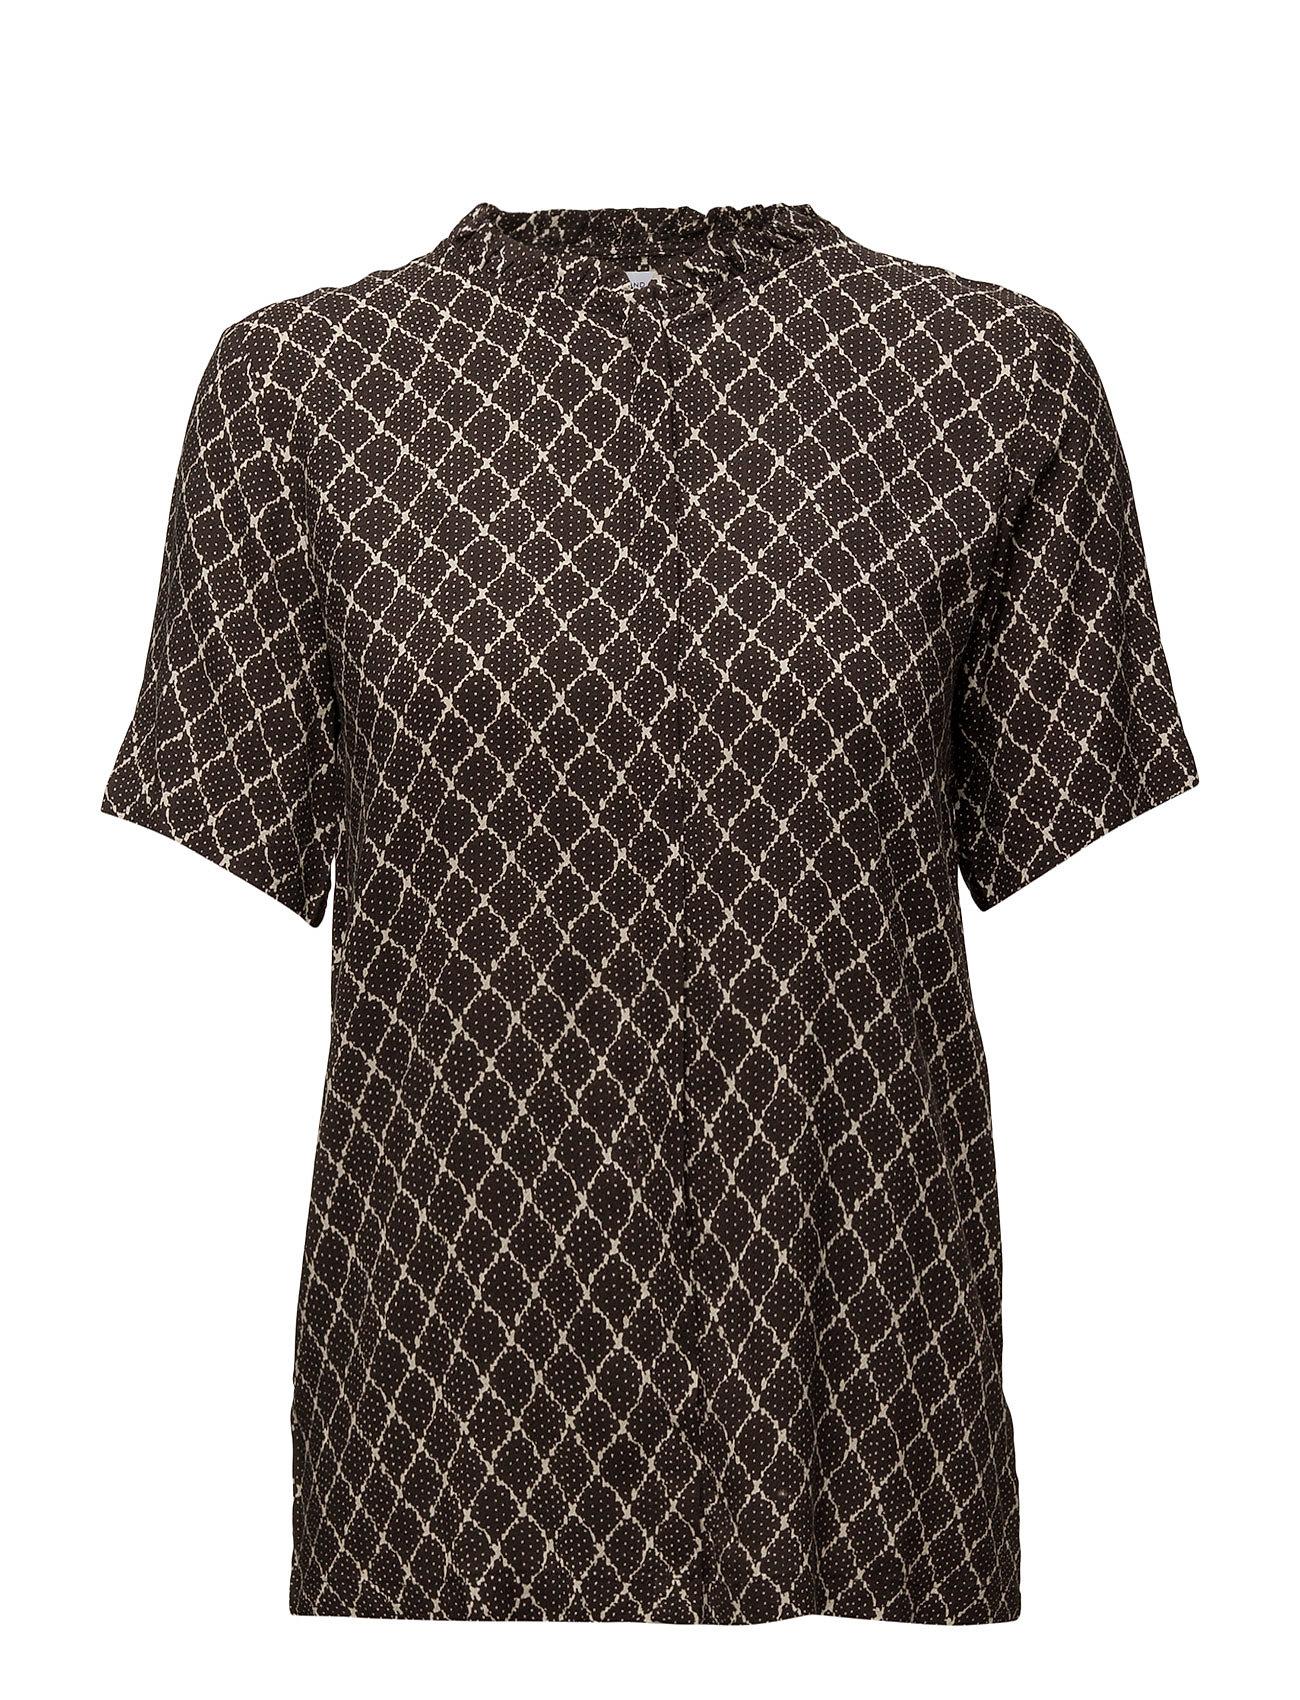 Morning Shirt Second Female Kortærmede til Kvinder i Antracit grå